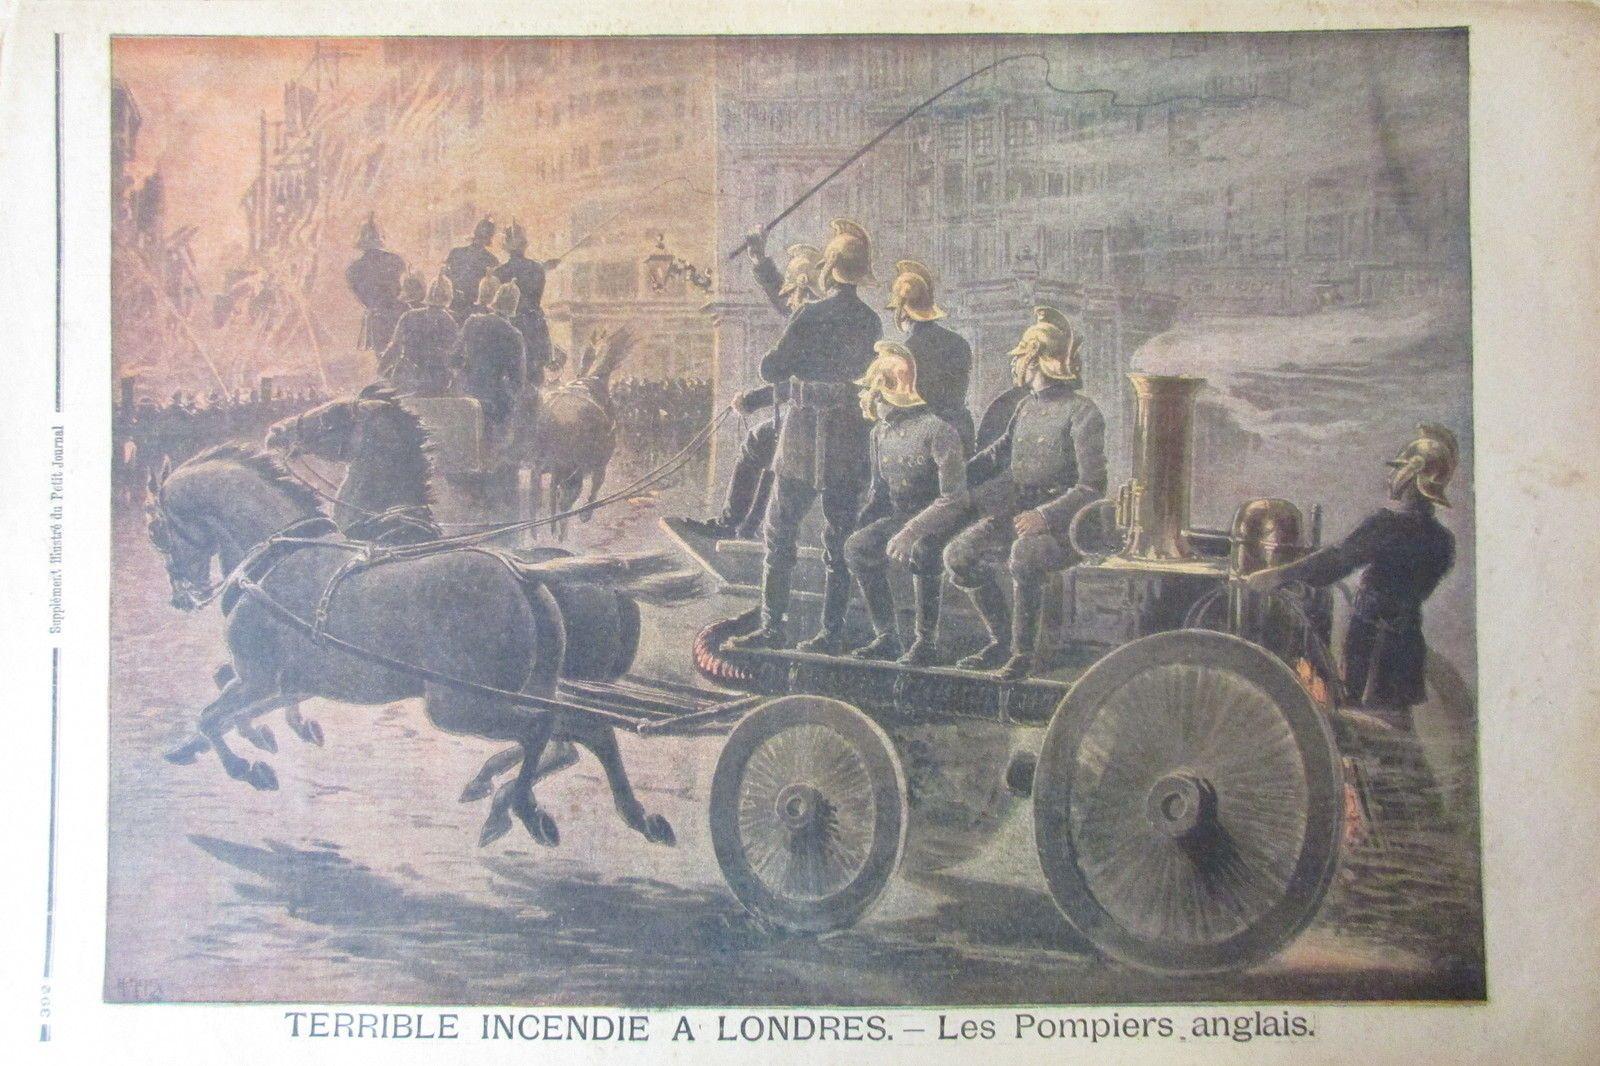 Details Sur Sapeurs Pompiers Anglais Intervention Incendie Gravure Le Petit Journal 1897 Pompier Sapeur Pompier Sapeur